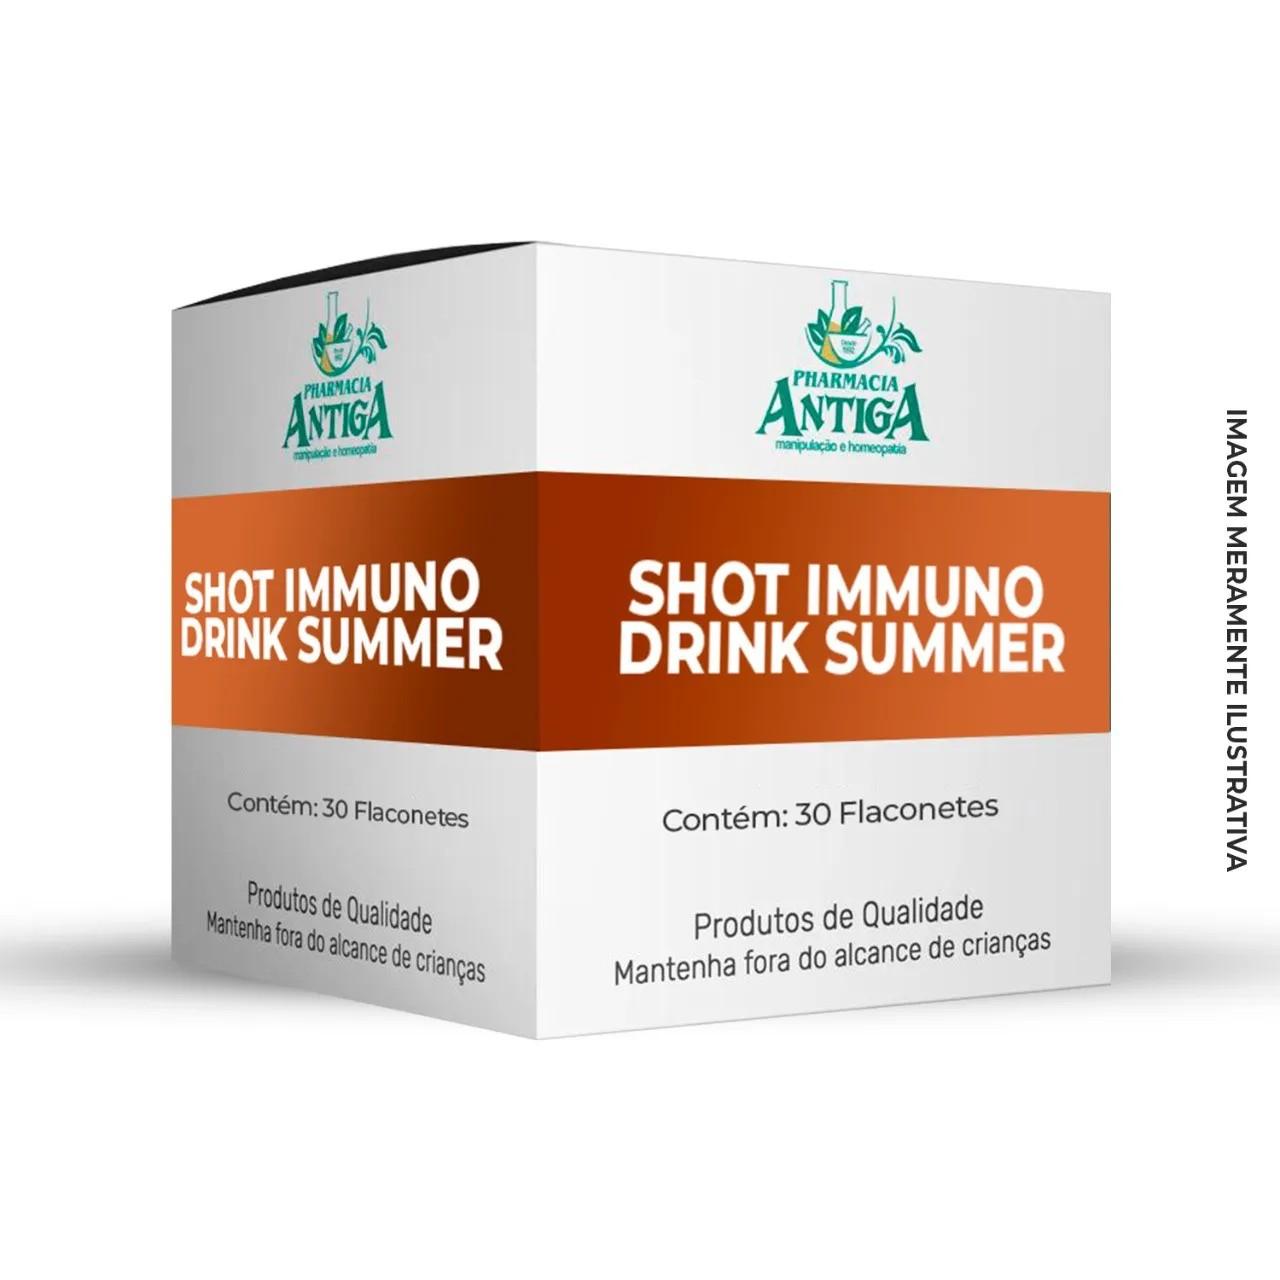 Shot Immuno Drink Summer